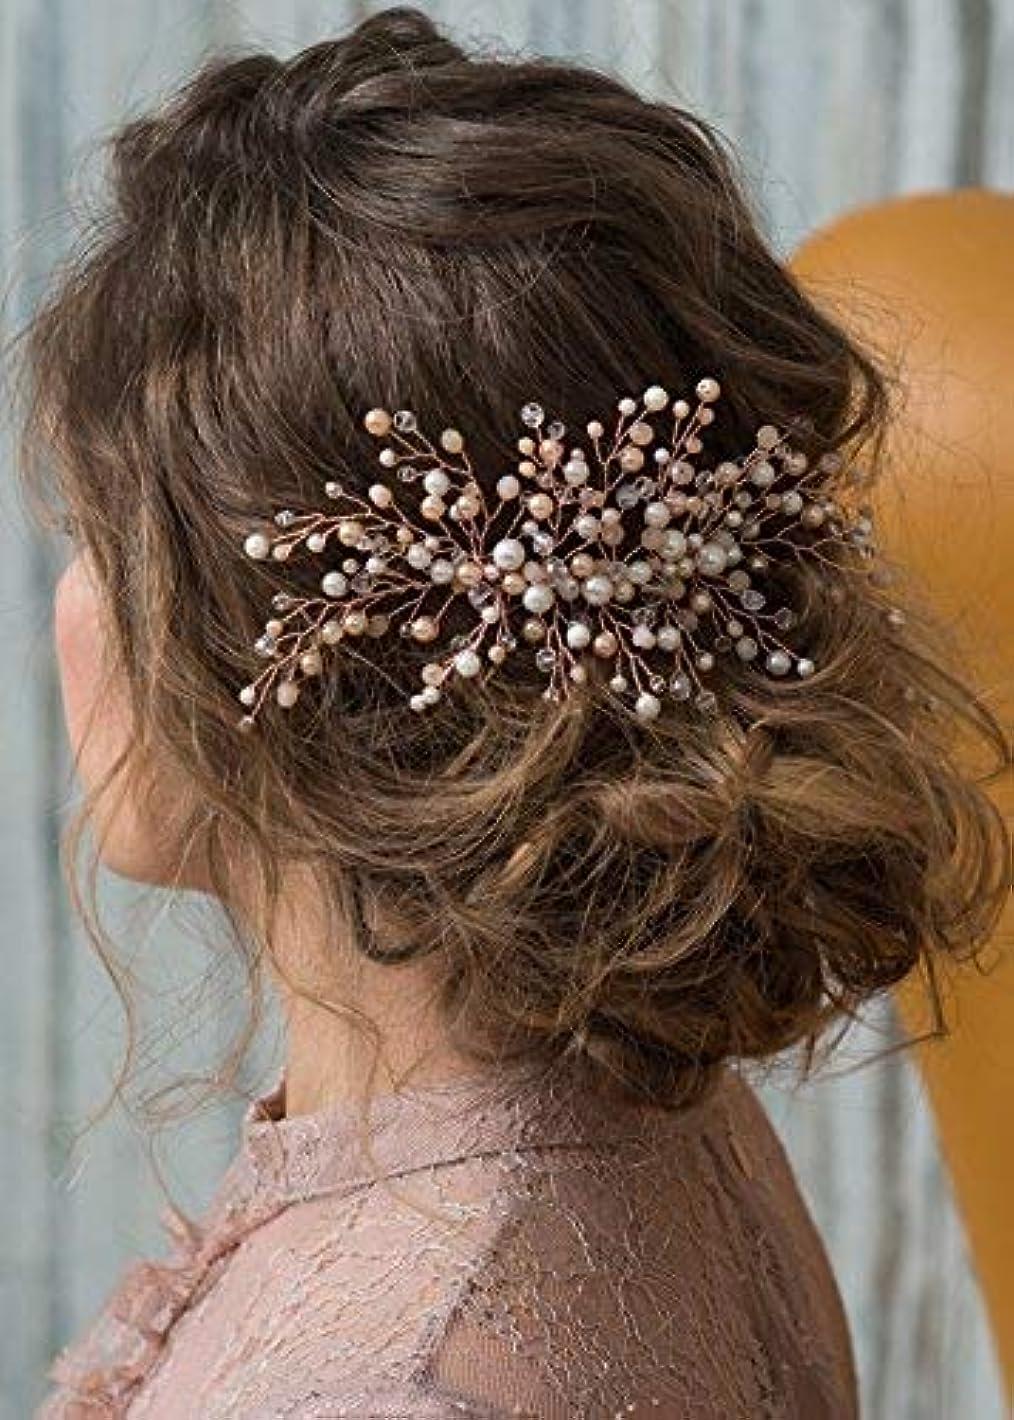 規則性薄汚い唯一Kercisbeauty Wedding Bridal Bridesmaid Pink Champagne Beads Rose Gold Hair Comb Slide Updo Hair Accessory Prom...